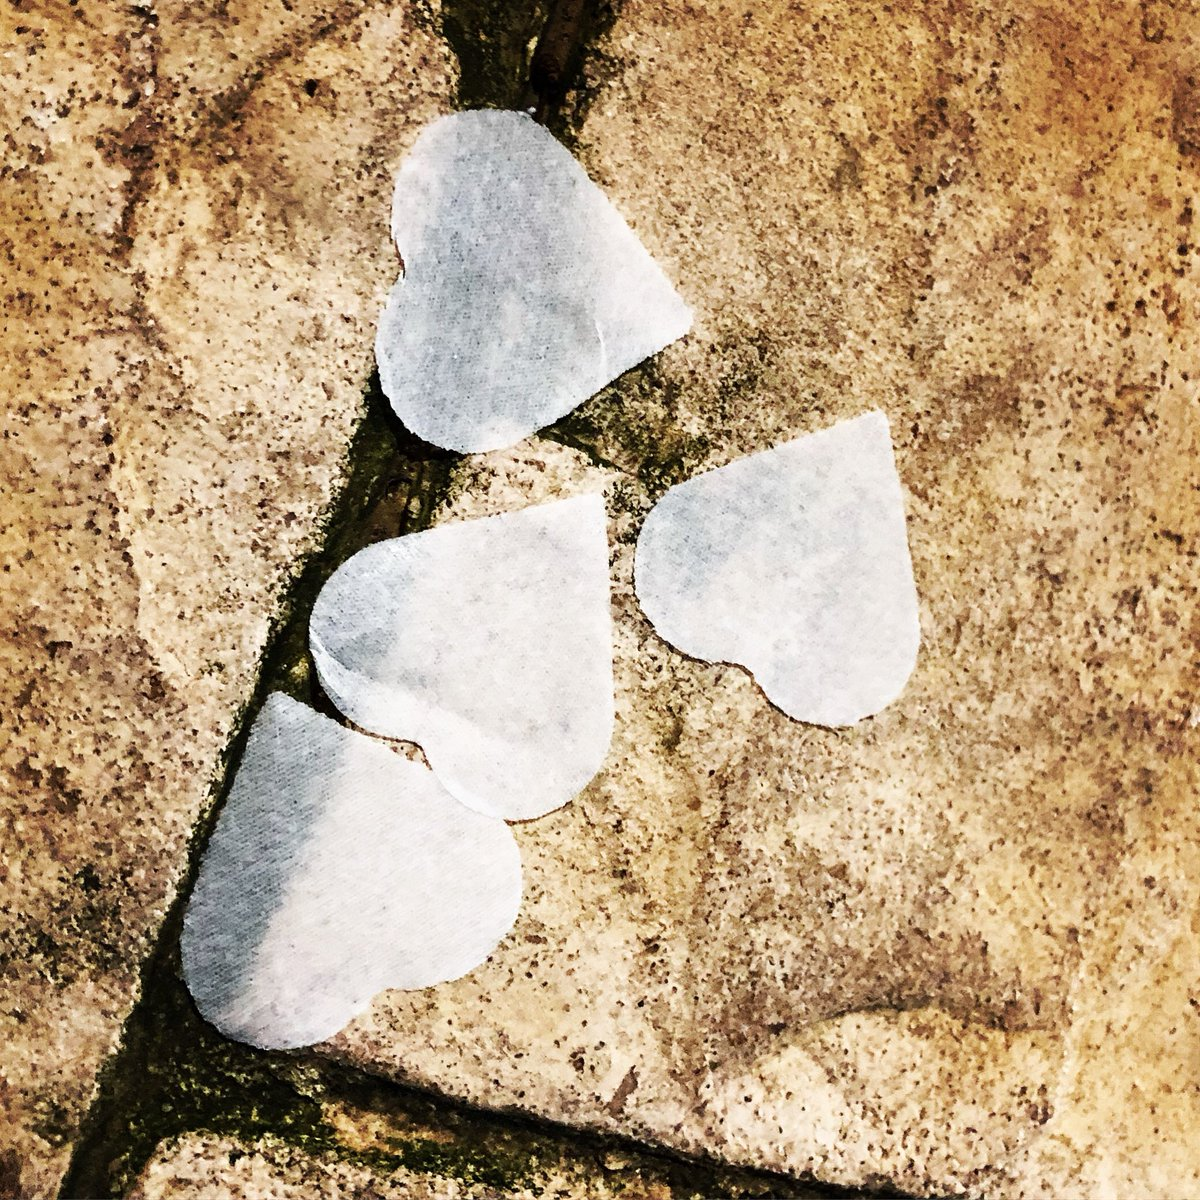 Cuori rubati#stone #heart #pantelleria #core #essence #texture #stolen #settembre2018 #islandlife #cuore  - Ukustom